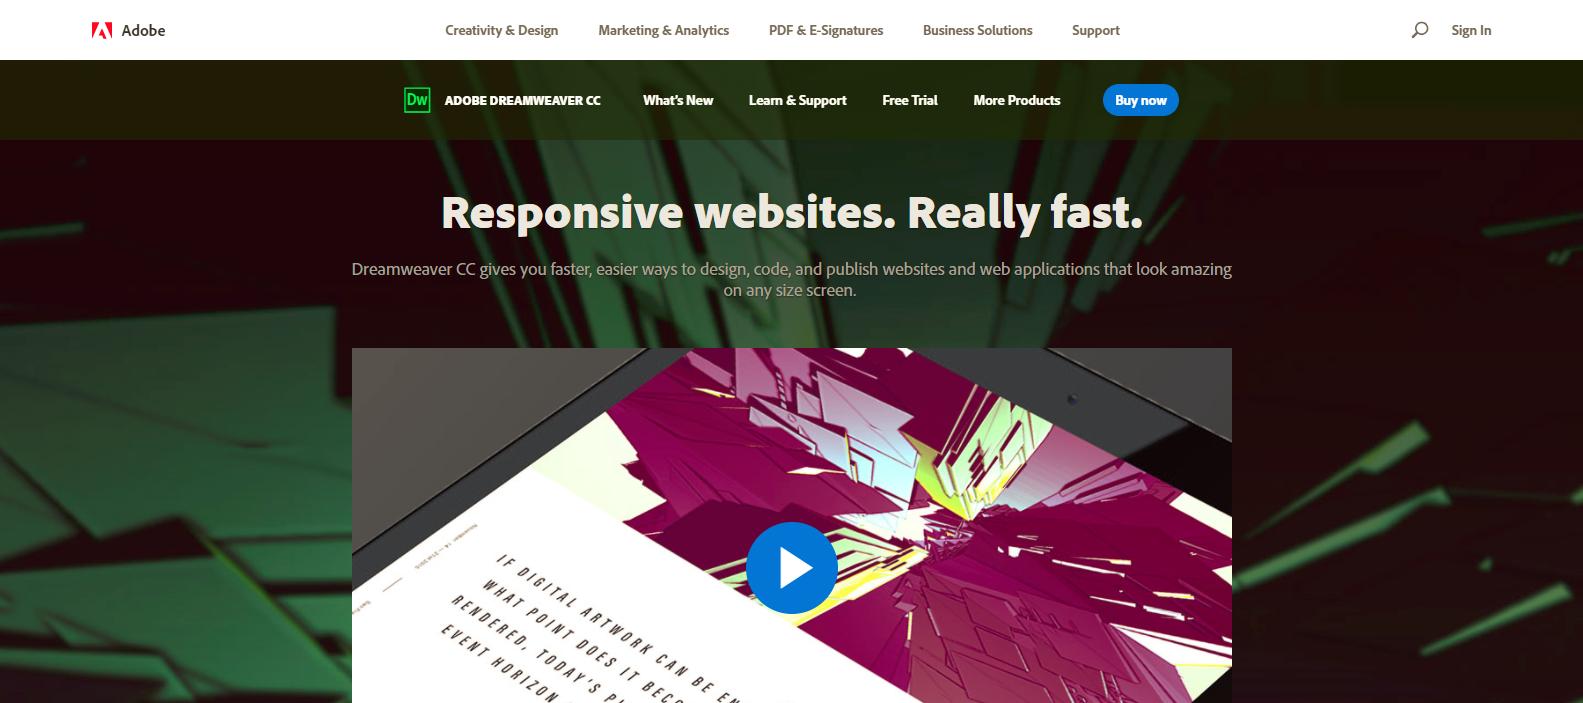 5+ Of The Best Php Wysiwyg Html Editors - WYSIWYG HTML Editor Help